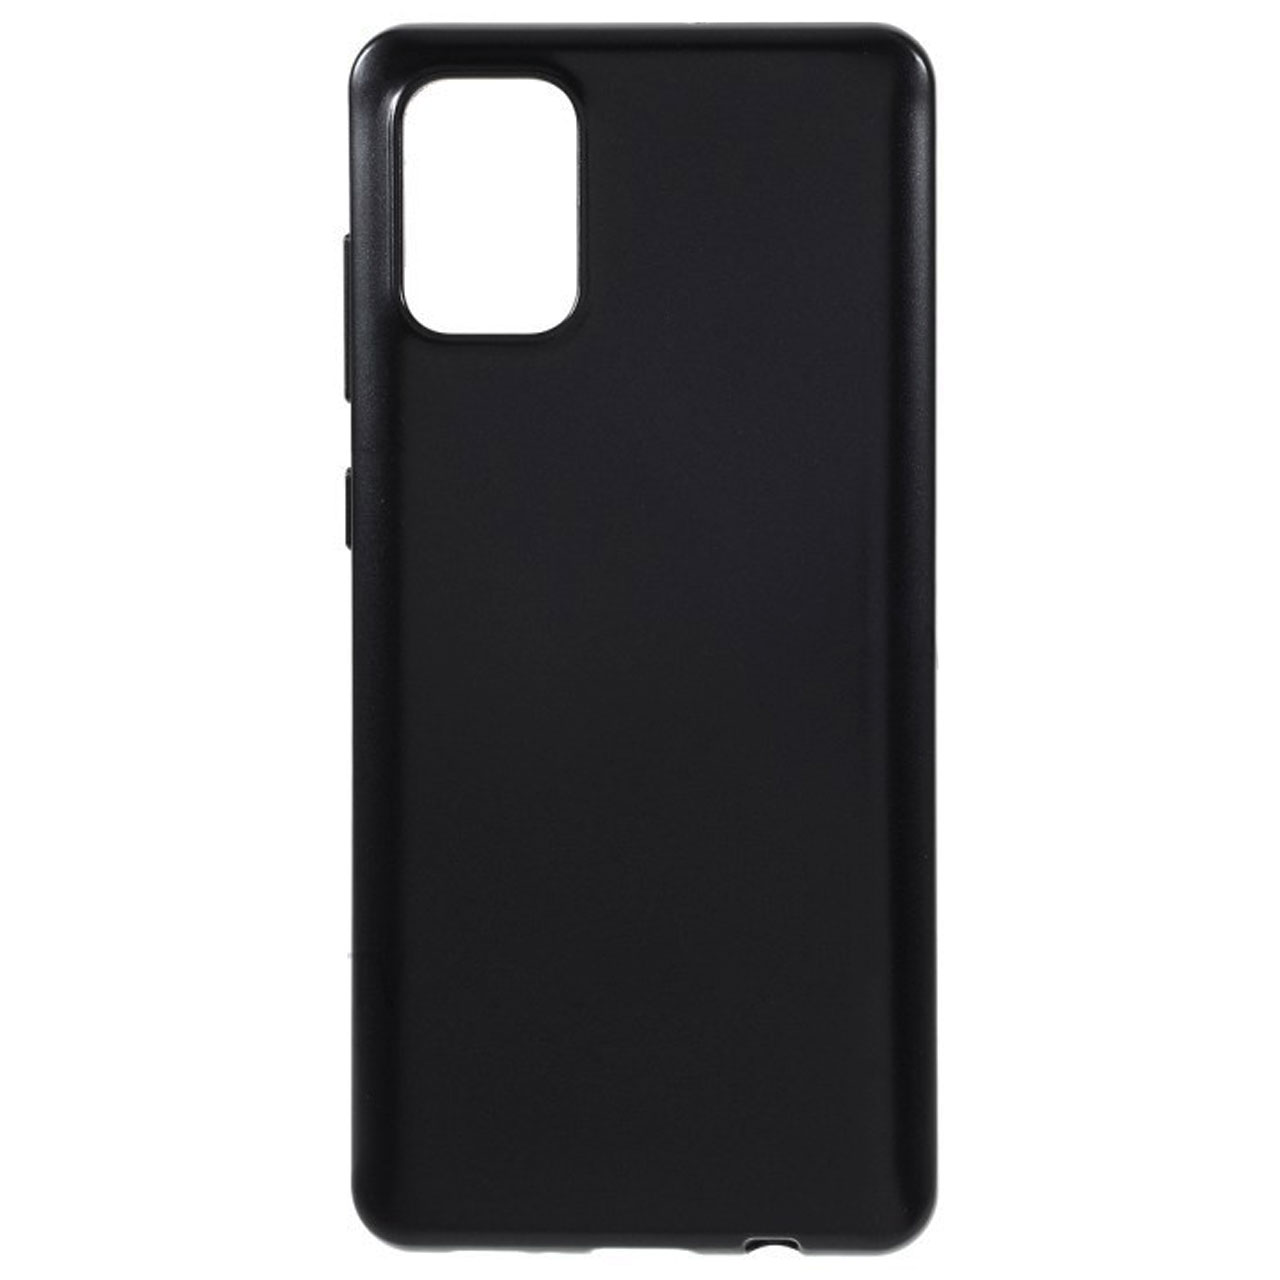 کاور مدل CJ-01 مناسب برای گوشی موبایل سامسونگ Galaxy A71